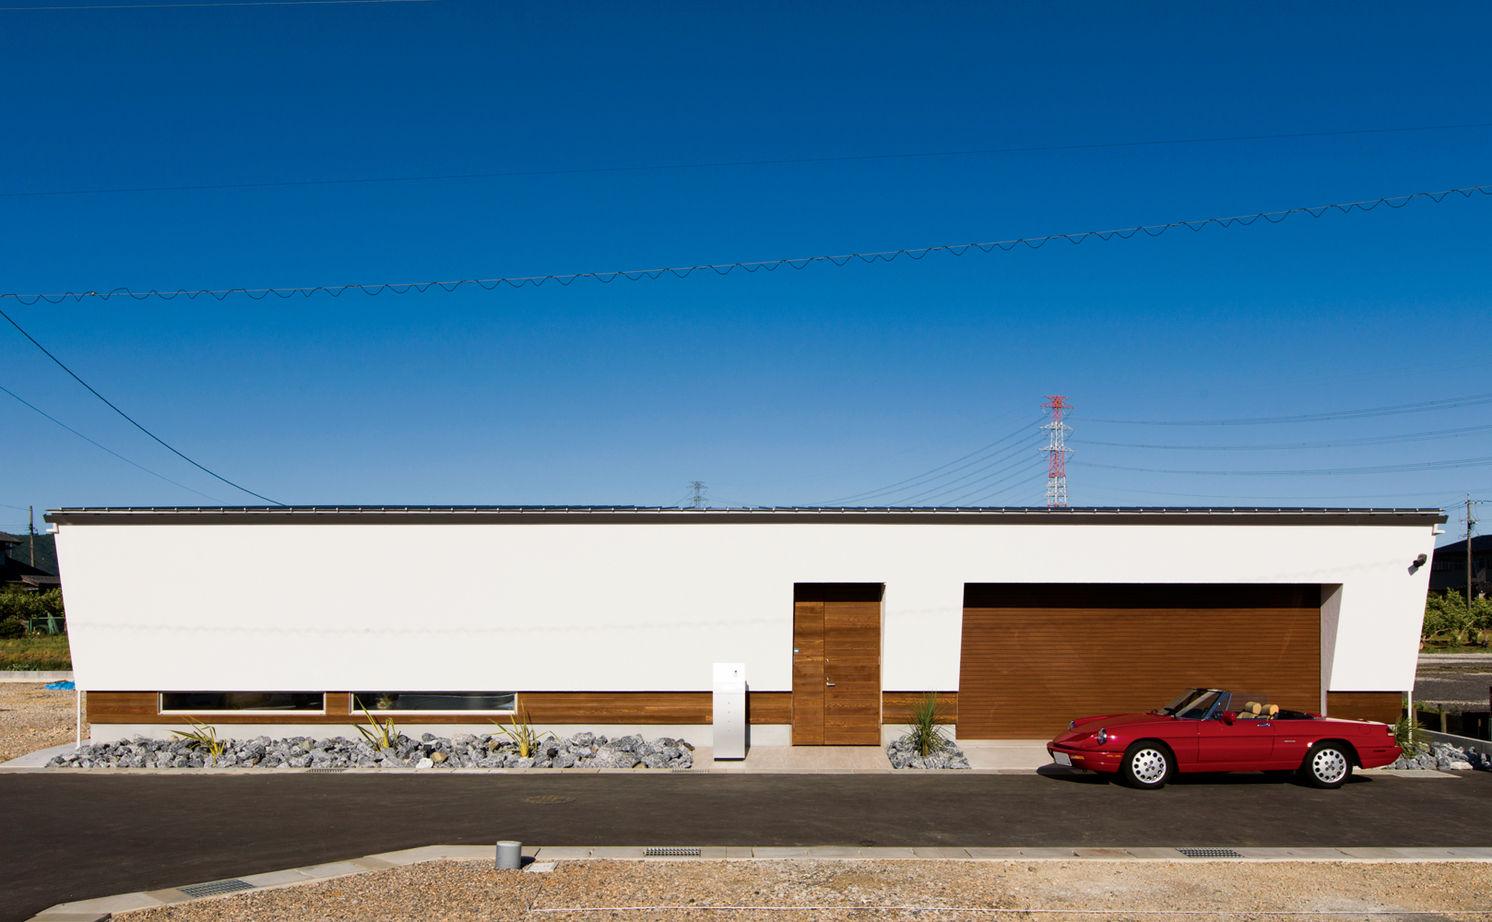 平屋 ビルトイン ガレージ ビルトインガレージのある間取り【30坪】愛車・趣味を楽しむ平屋・2階建て・3階建て4パターン